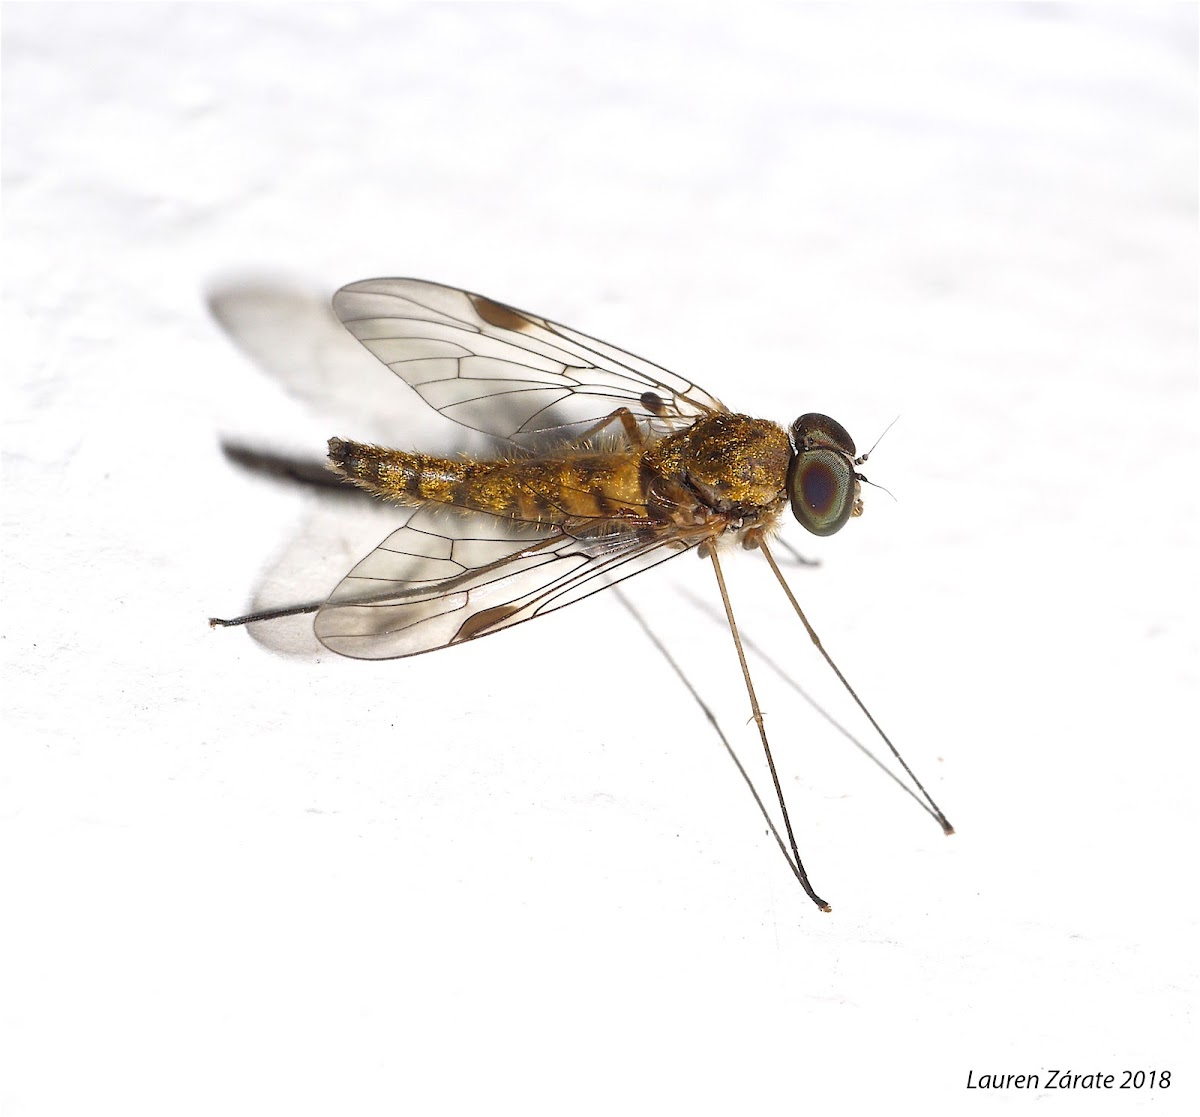 Golden Snipe Fly